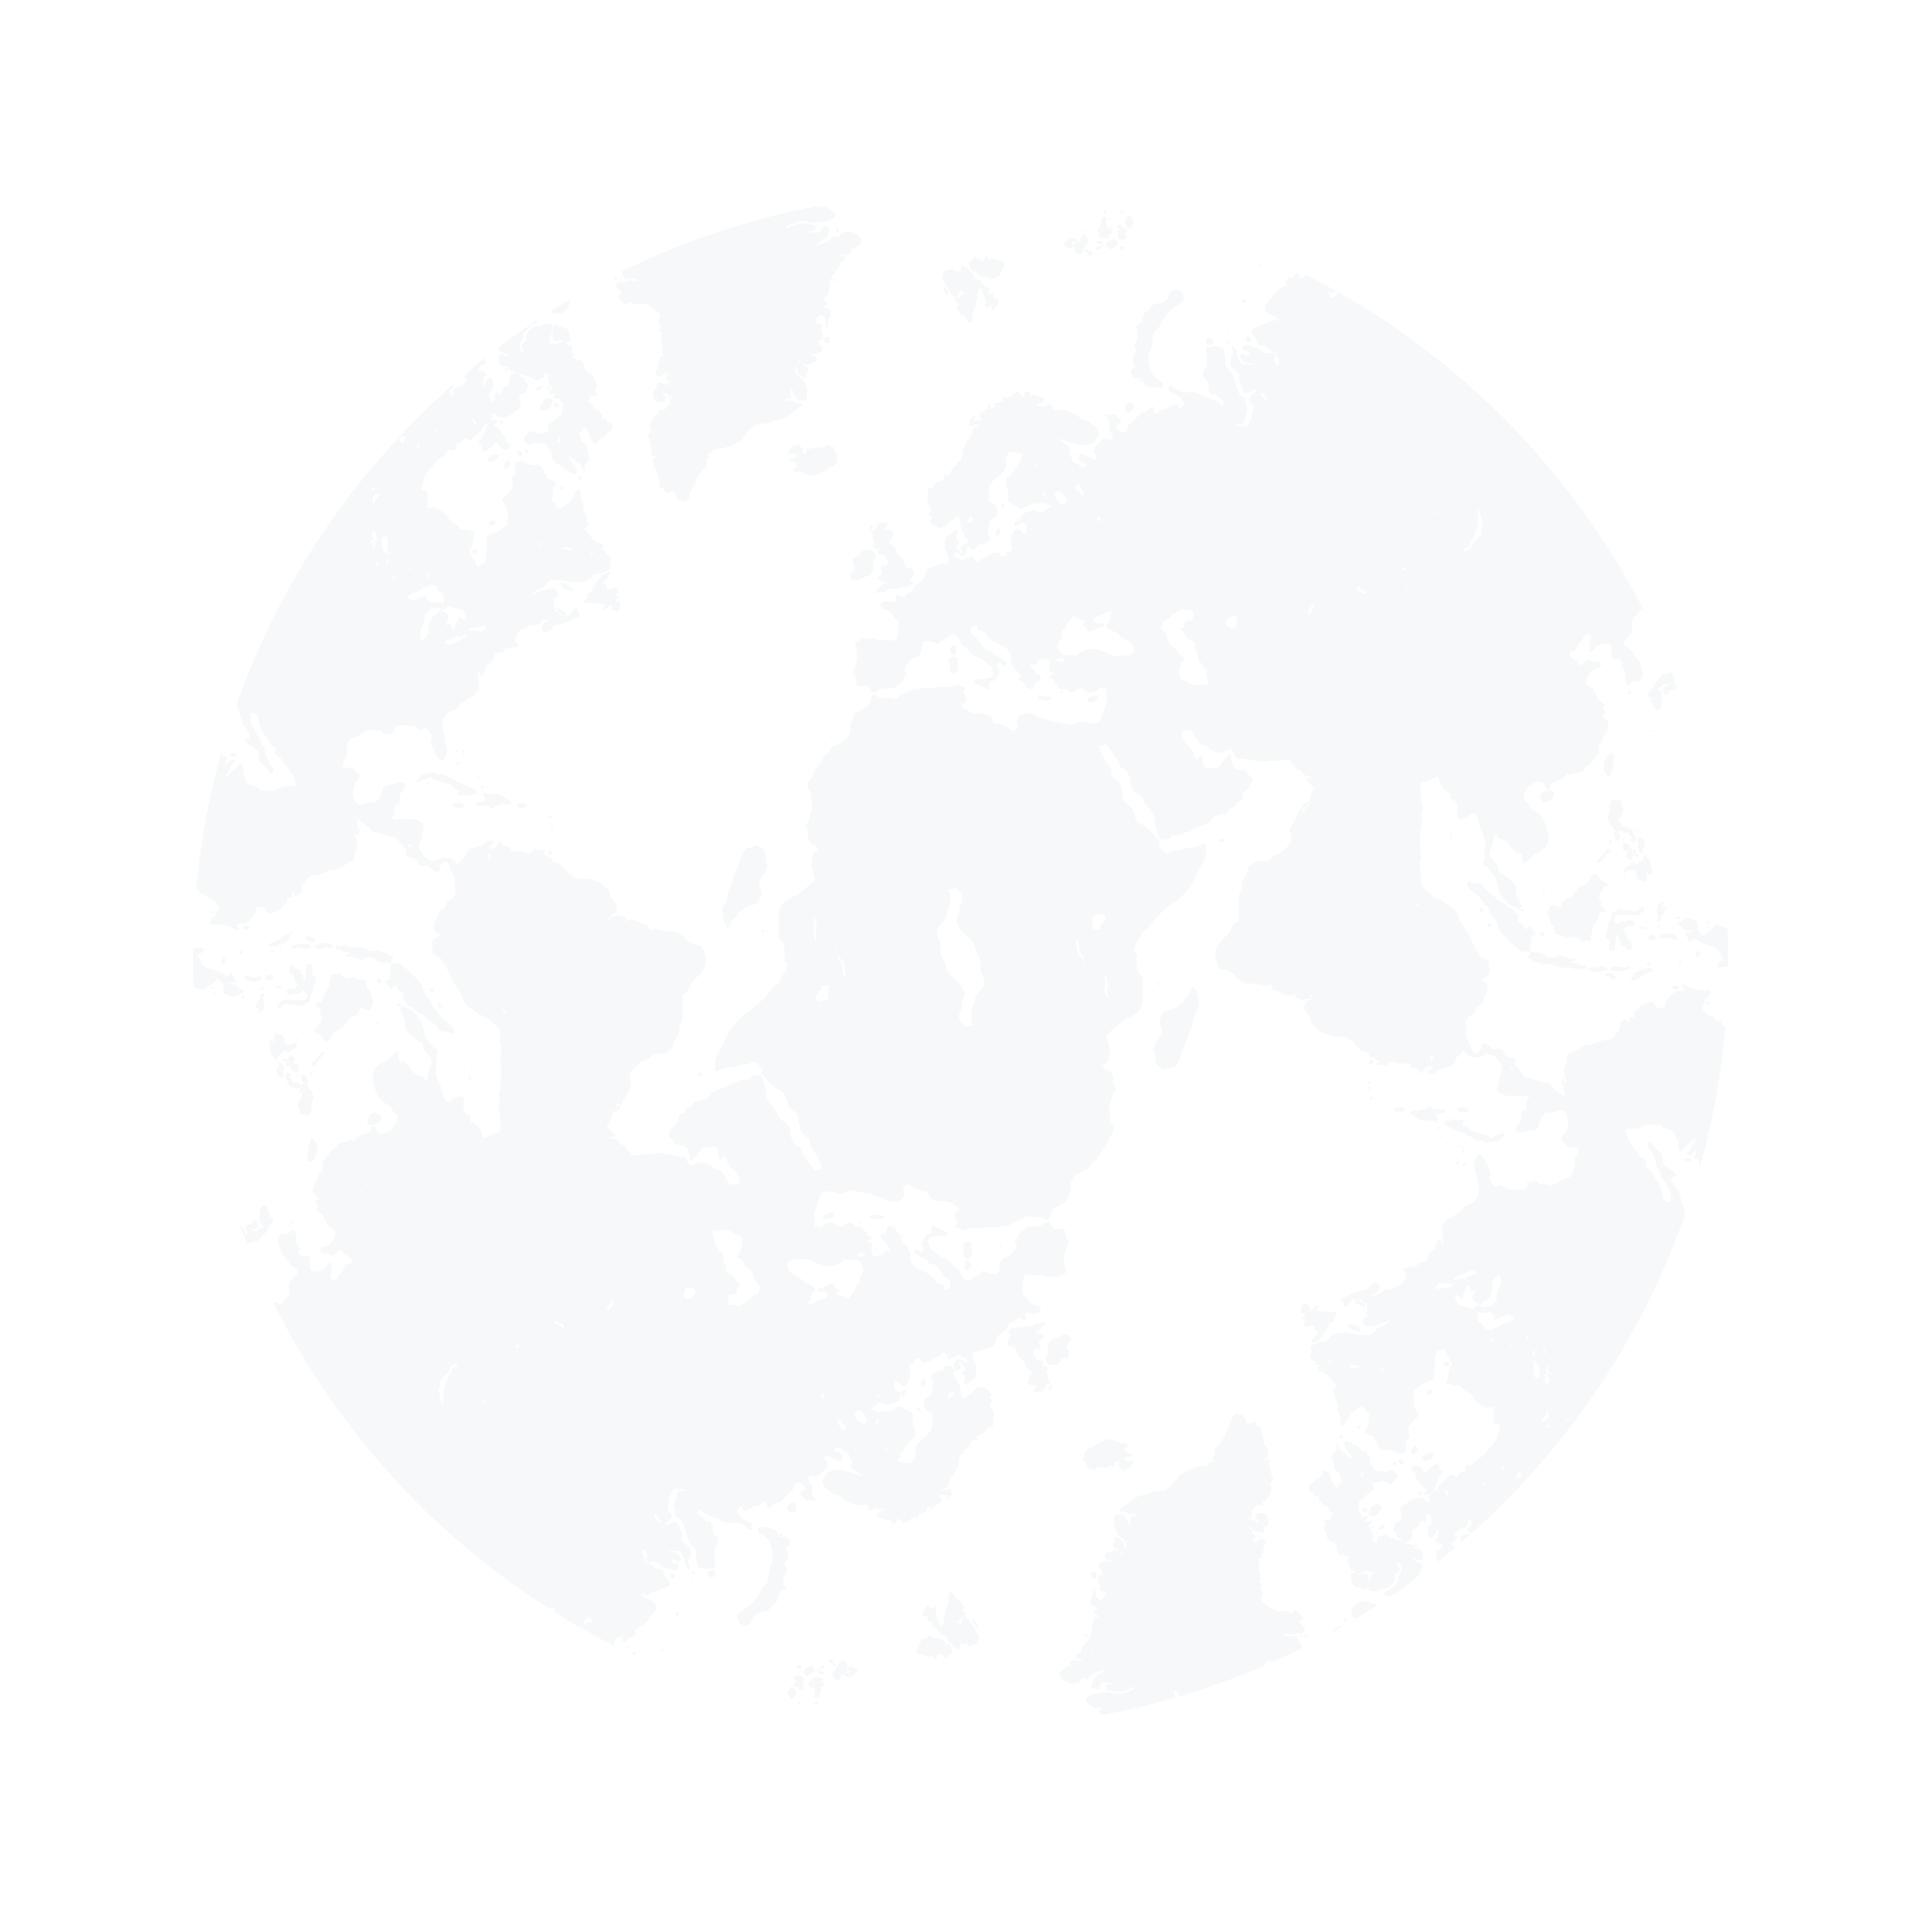 Globe image animation